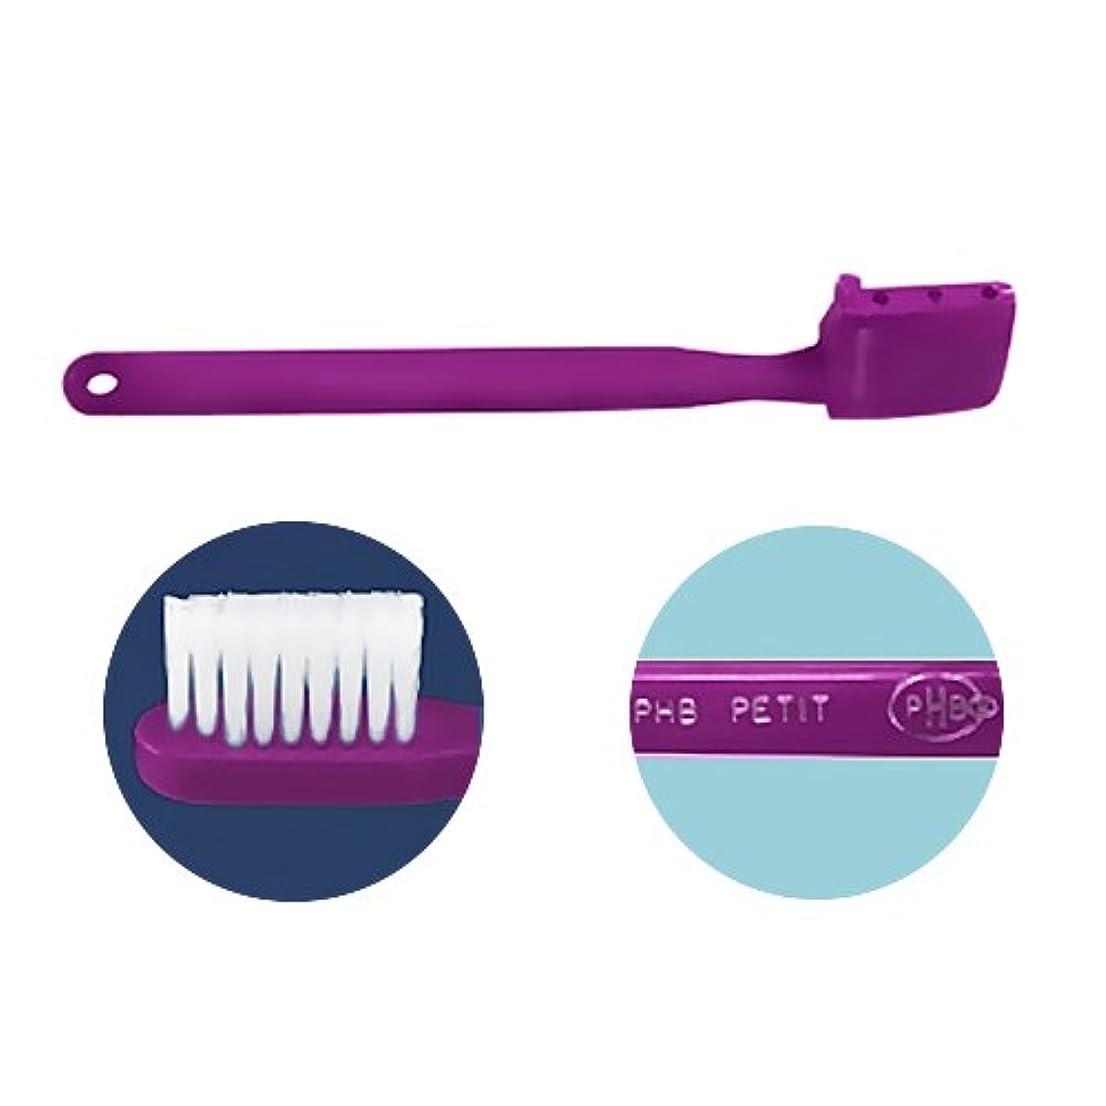 メンバーアーティキュレーション積極的にPHB 歯ブラシ プチサイズ 1本 ネオンパープル